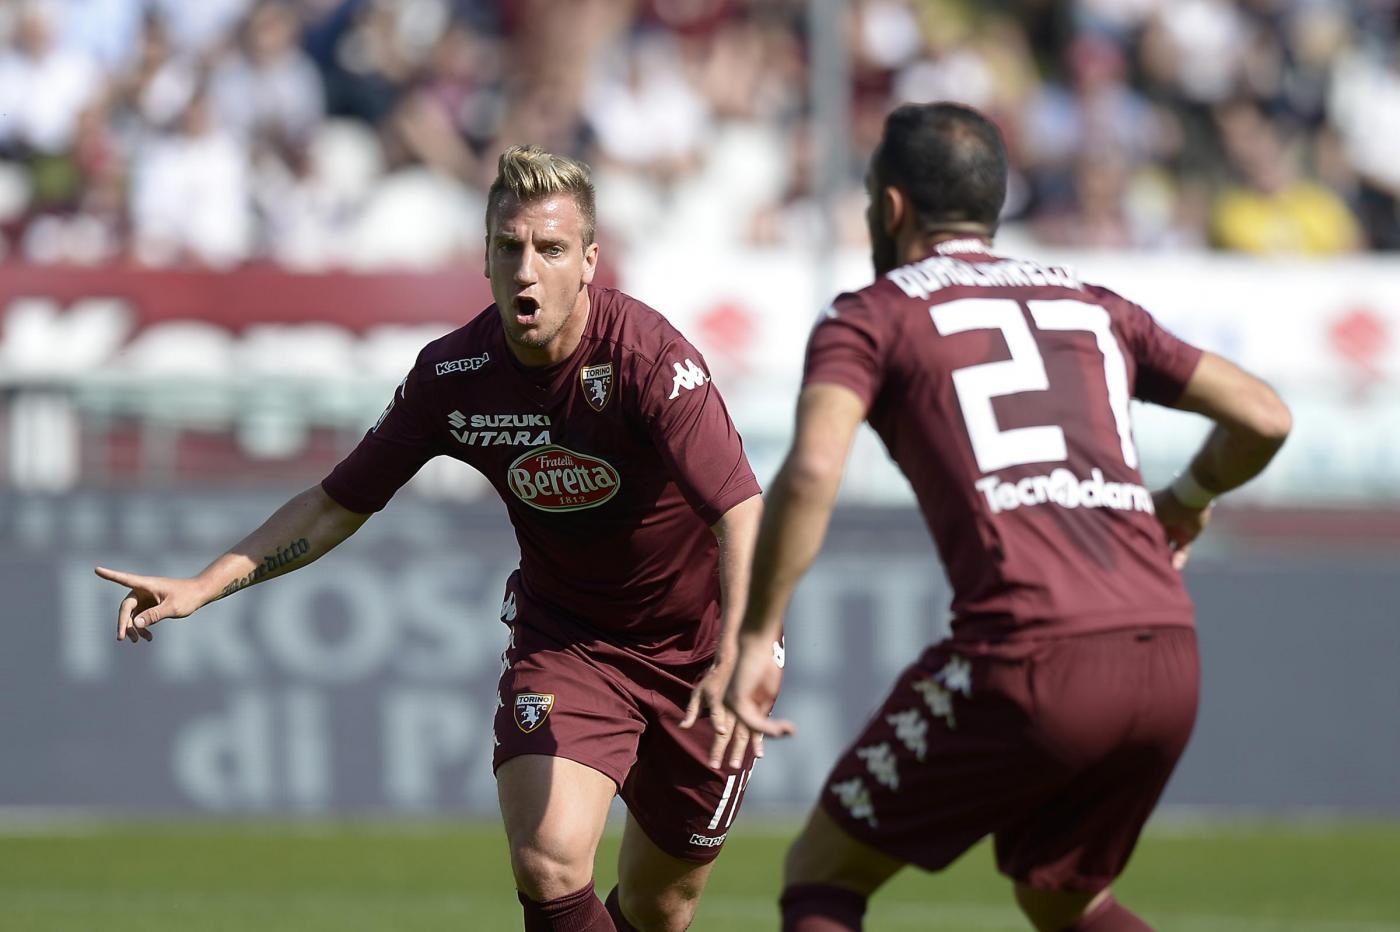 Pagelle Serie A 2014/15: i voti del 30esimo turno